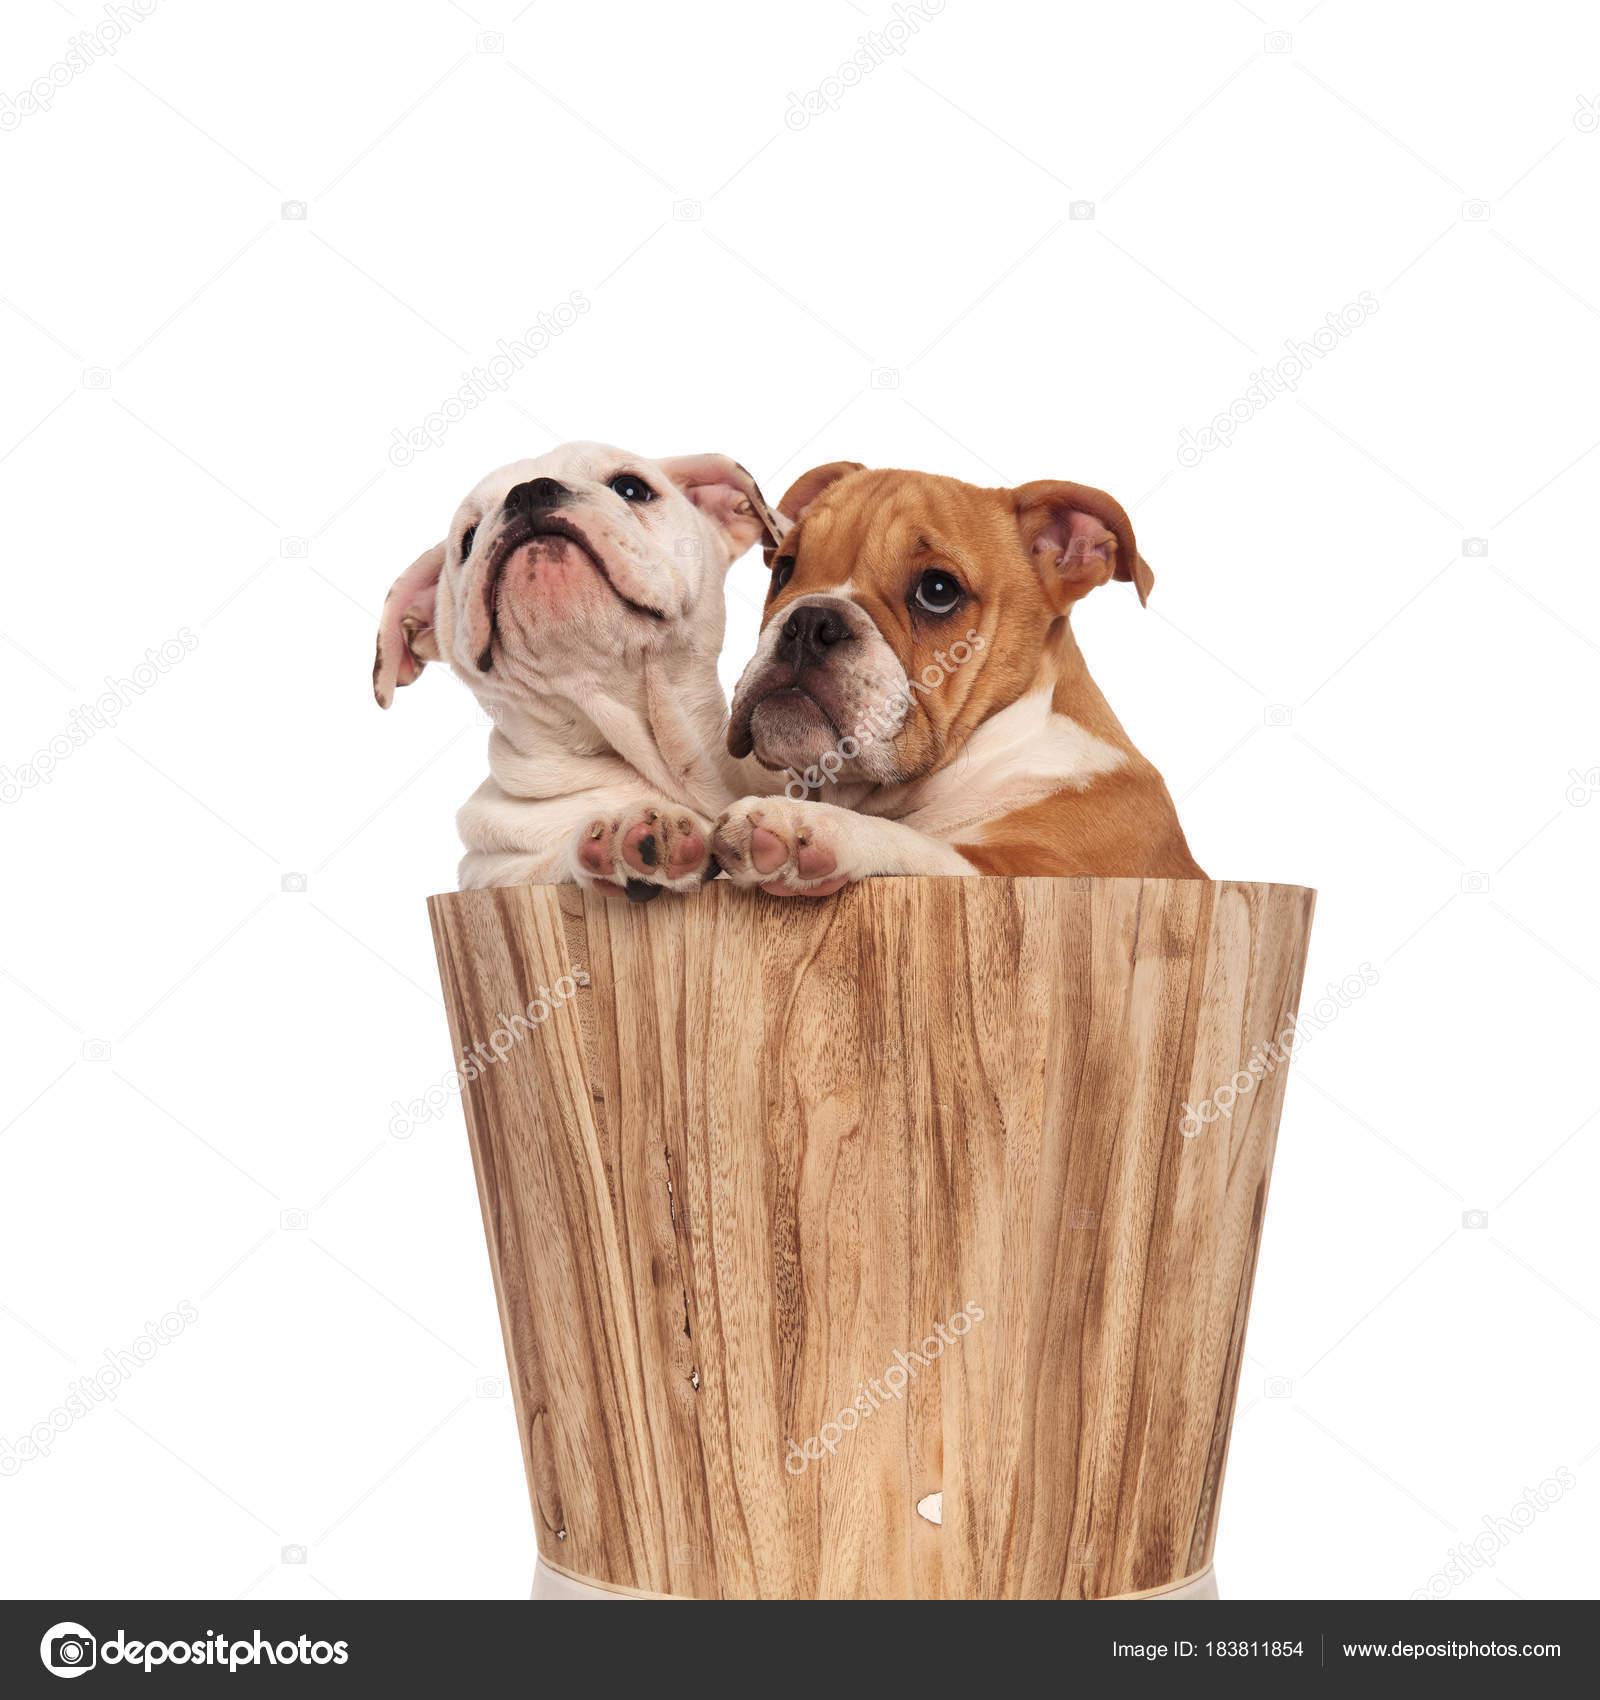 Cercare Due Bulldog Inglese Cuccioli In Un Secchio Foto Stock